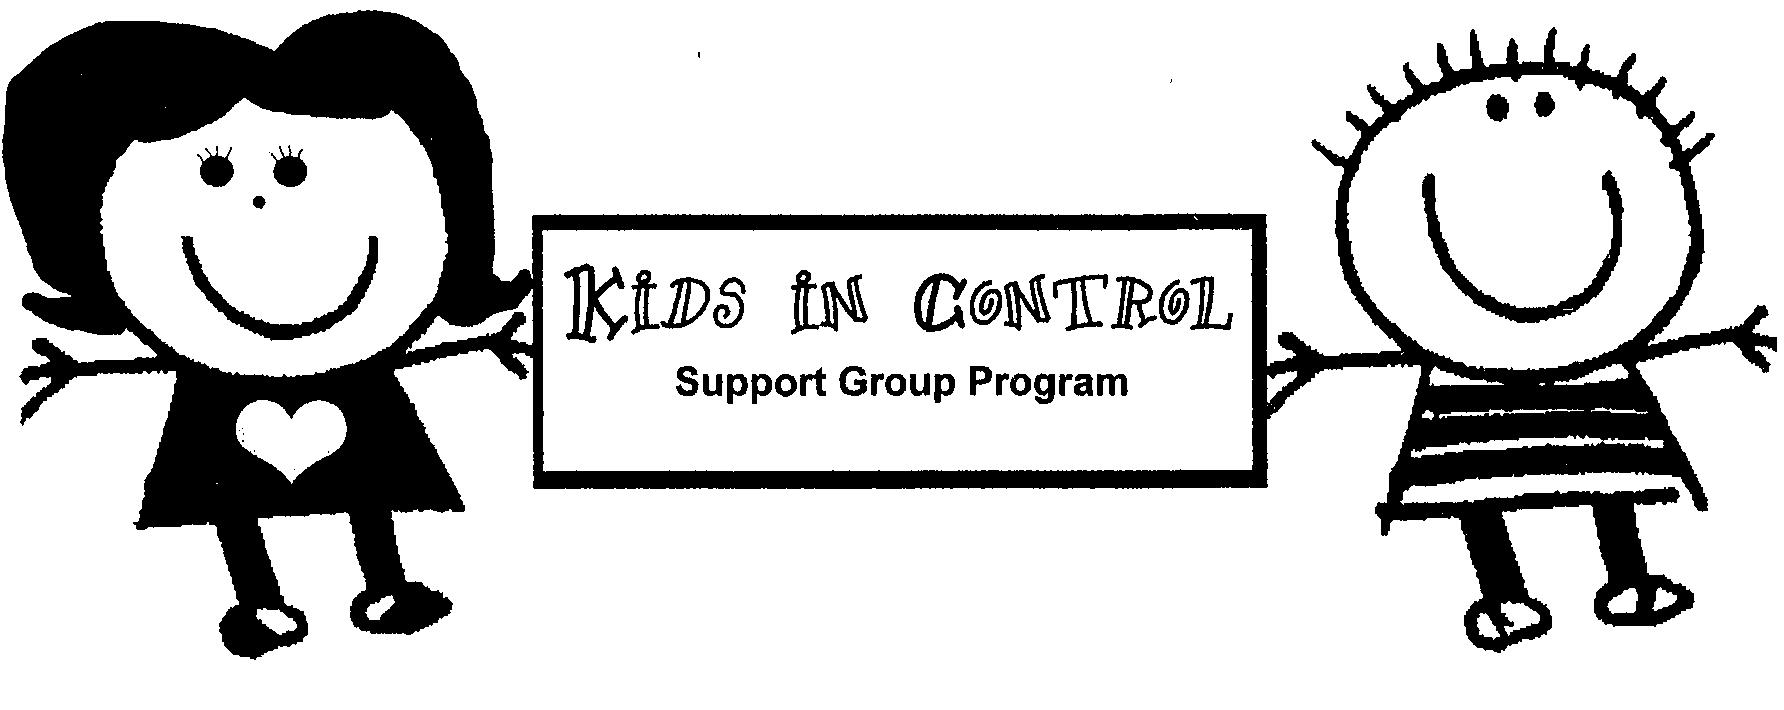 Kids In Control